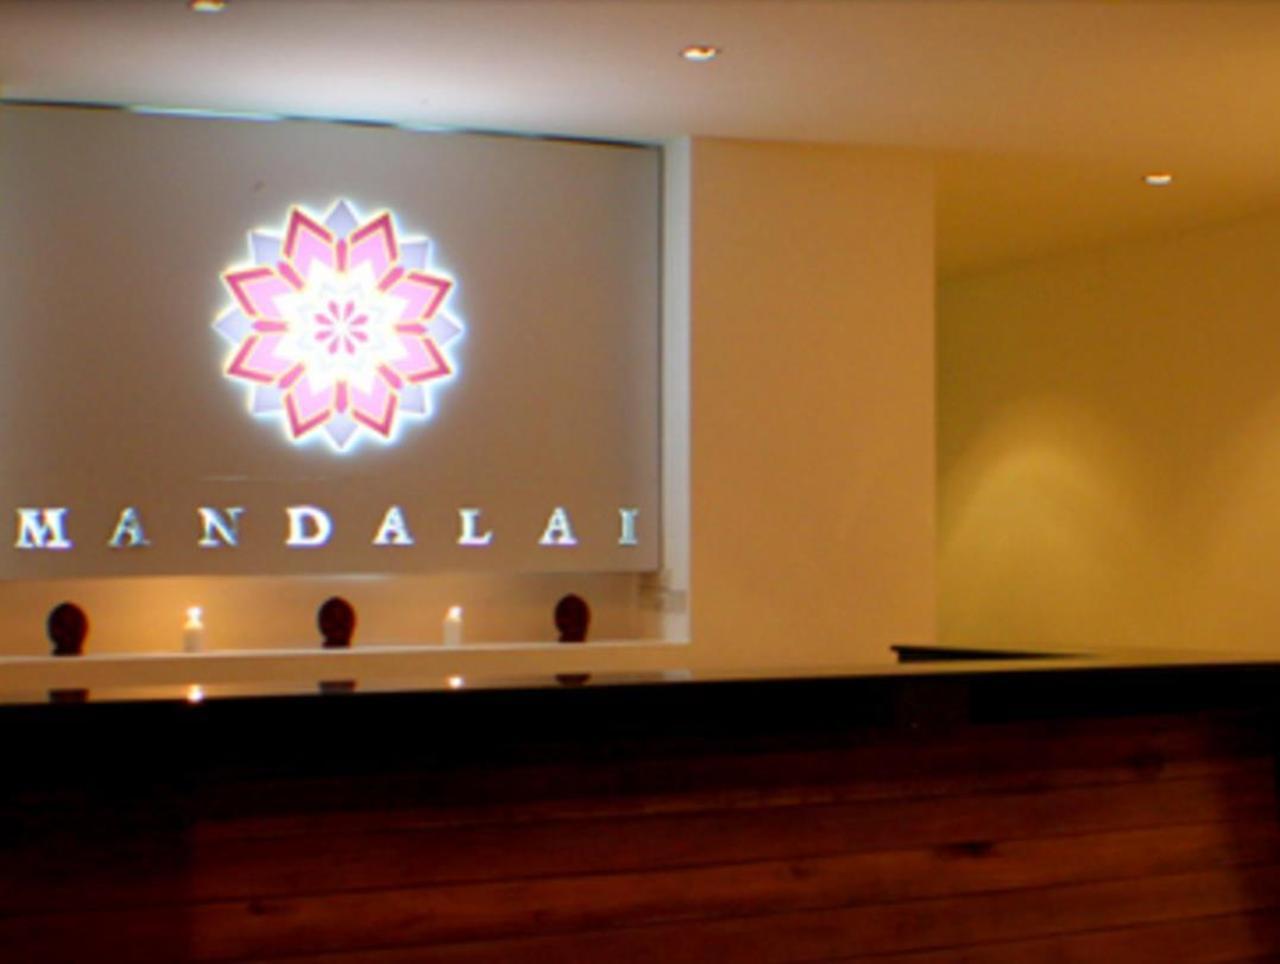 โรงแรมมันดาลัย (Mandalai Hotel)